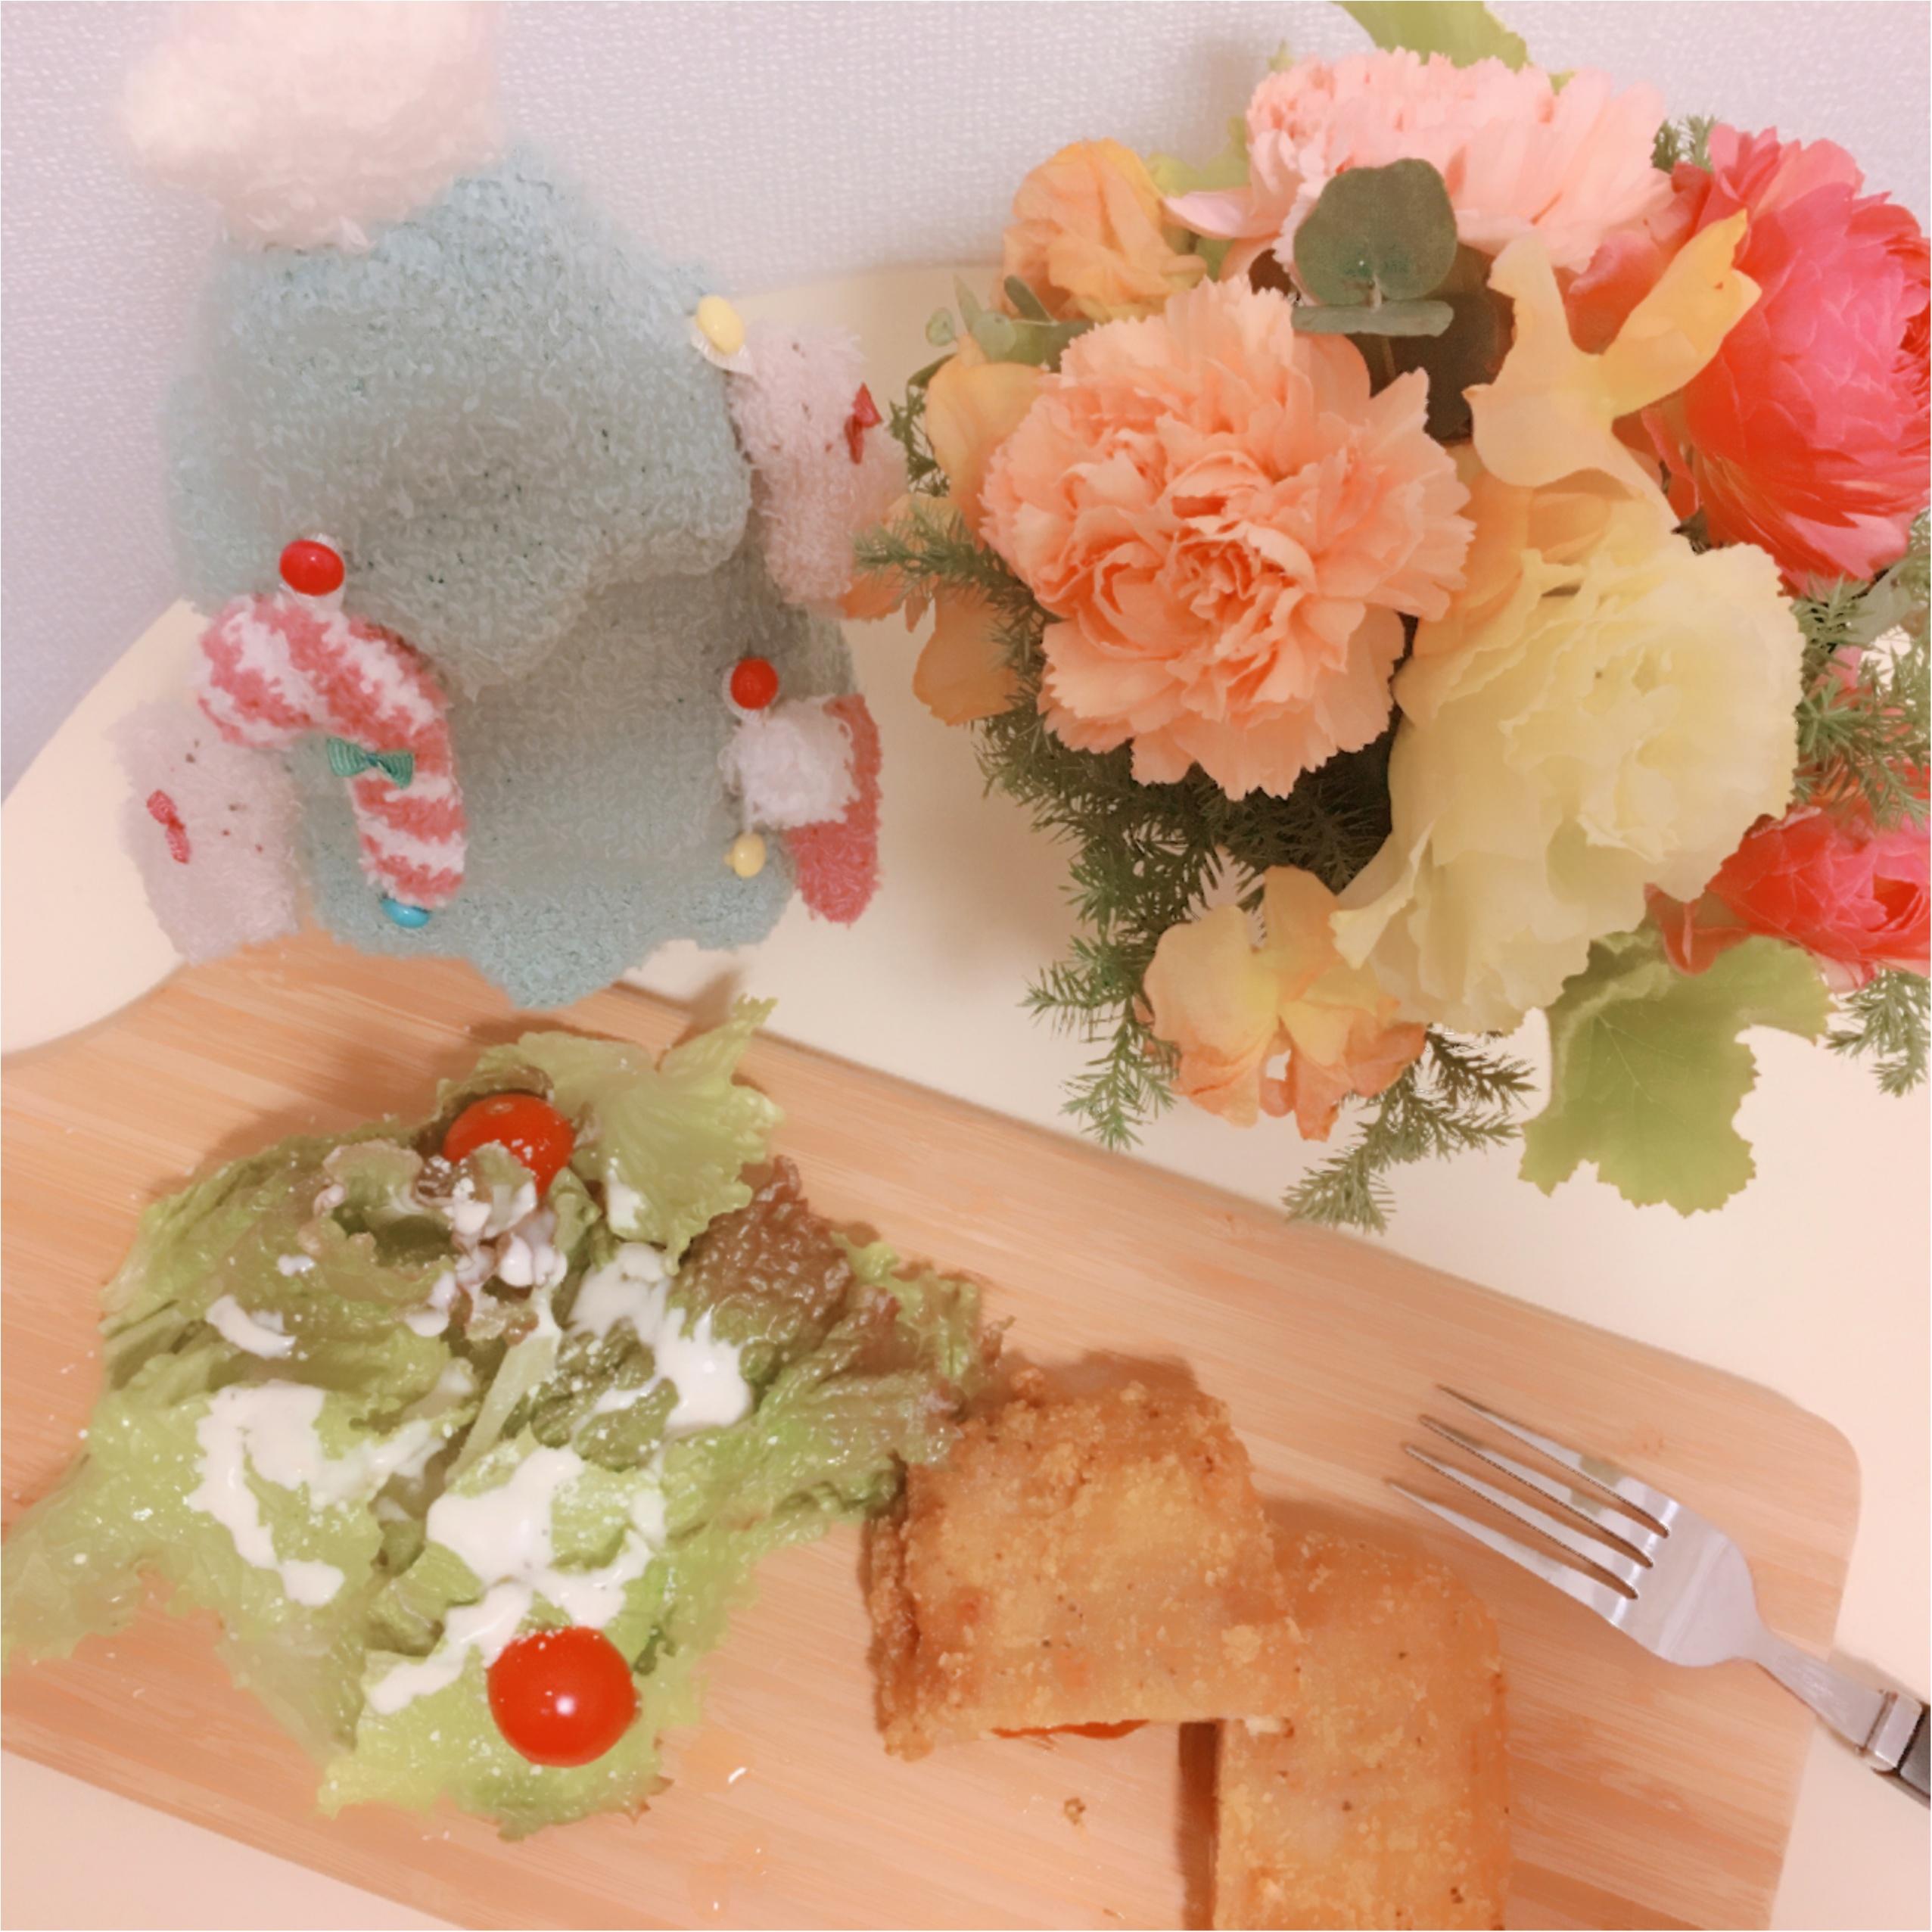 【ローソン】Lチキ ピザ味でクリスマス気分_1